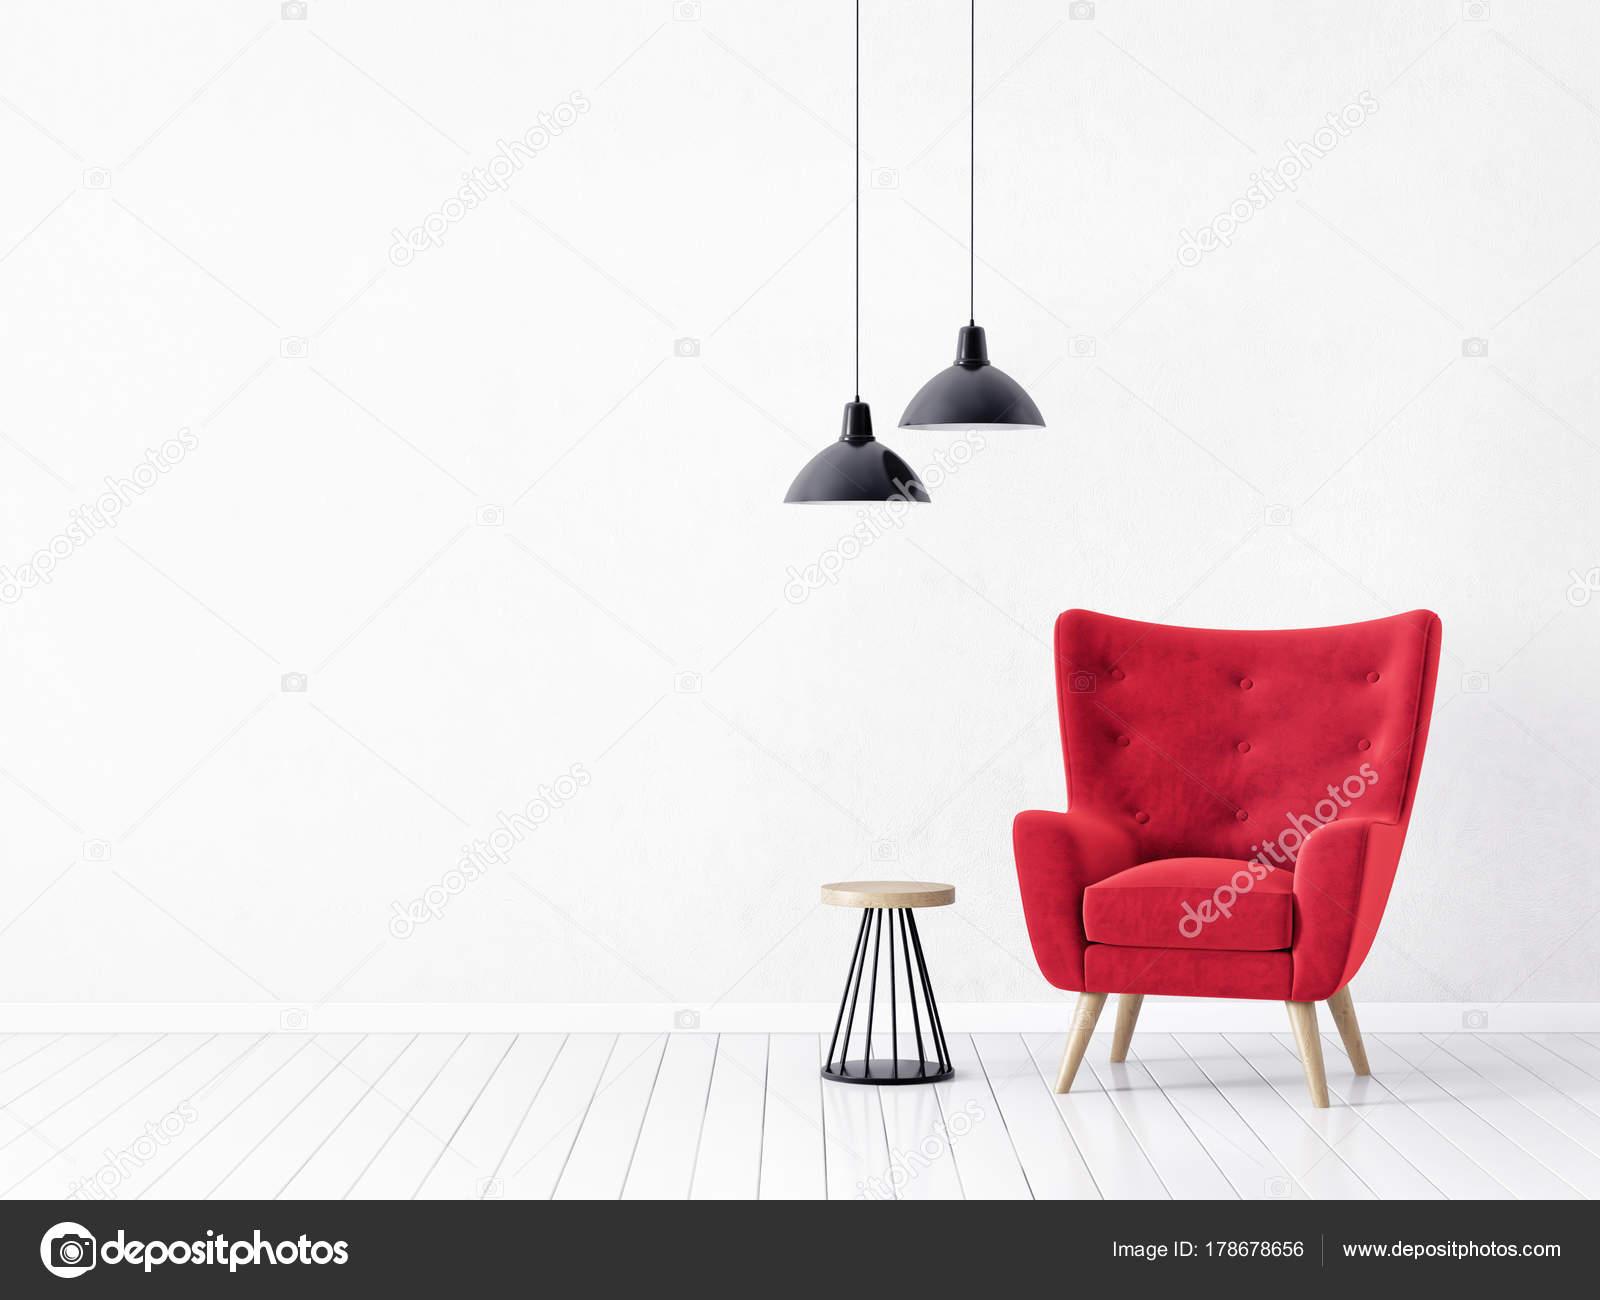 Design Woonkamer Lampen : Moderne woonkamer met rode fauteuil lampen scandinavisch interieur